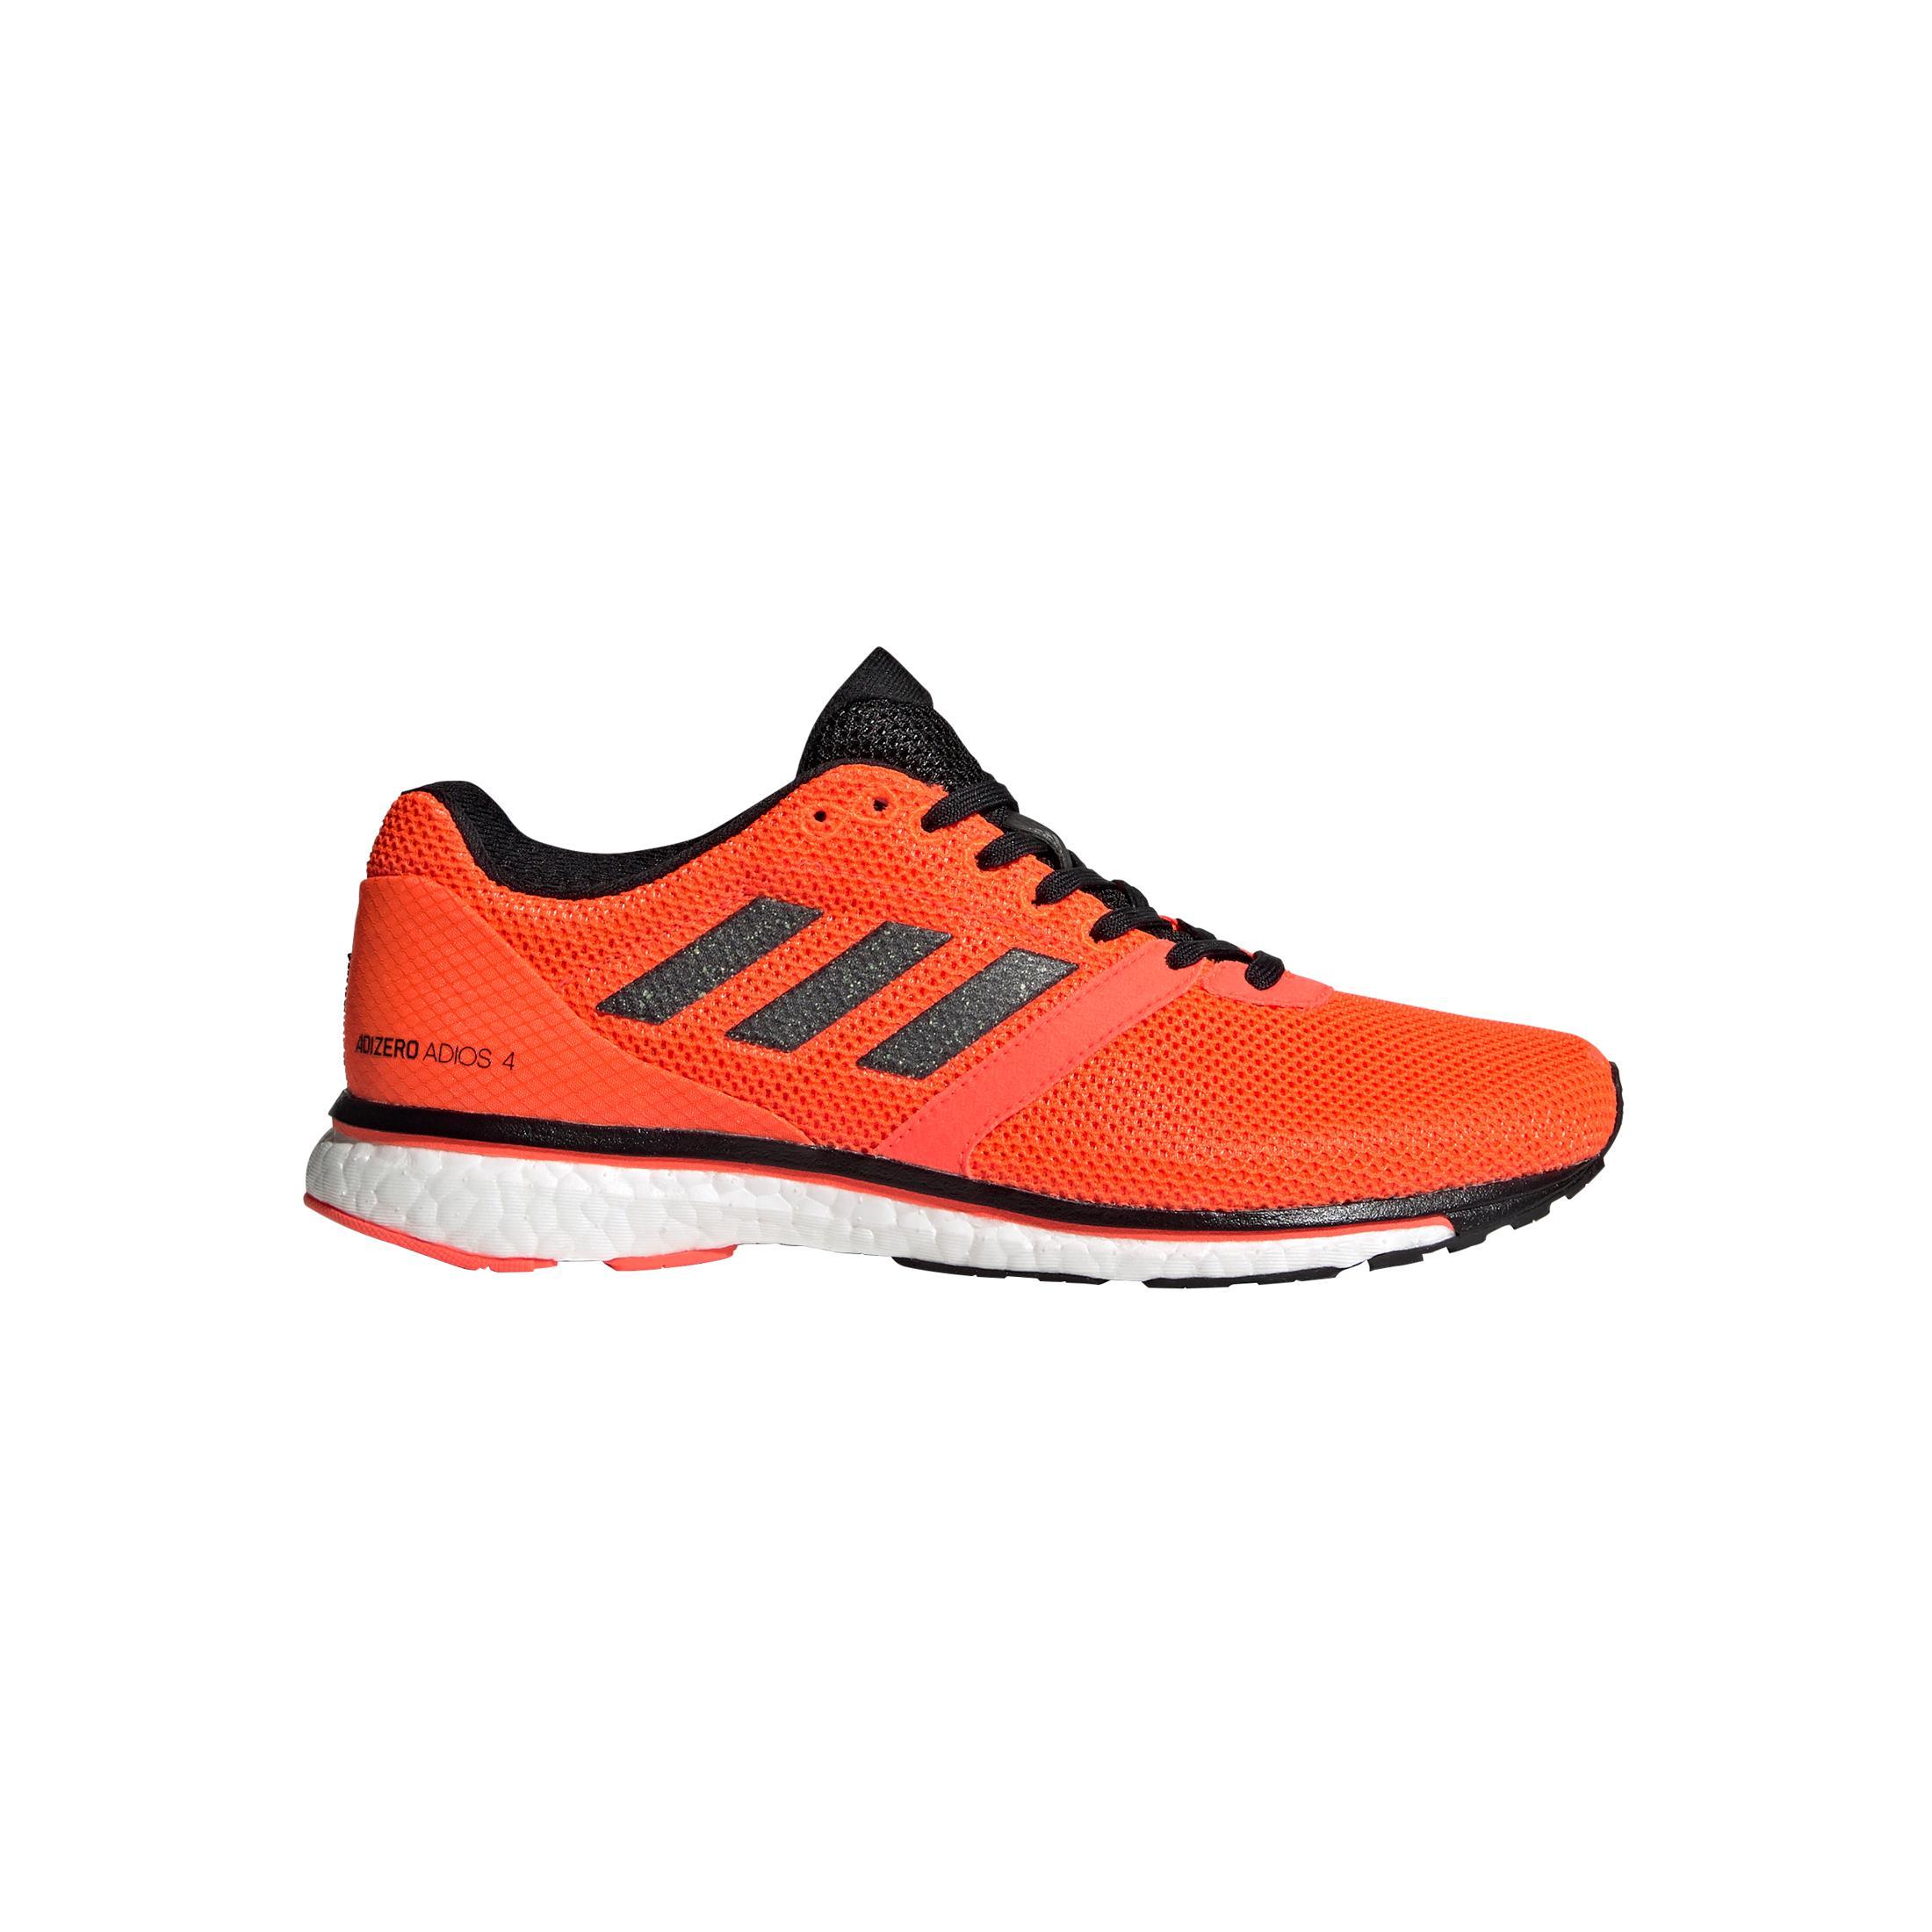 adidas adizero Adios 4 Orange Femme | LEPAPE